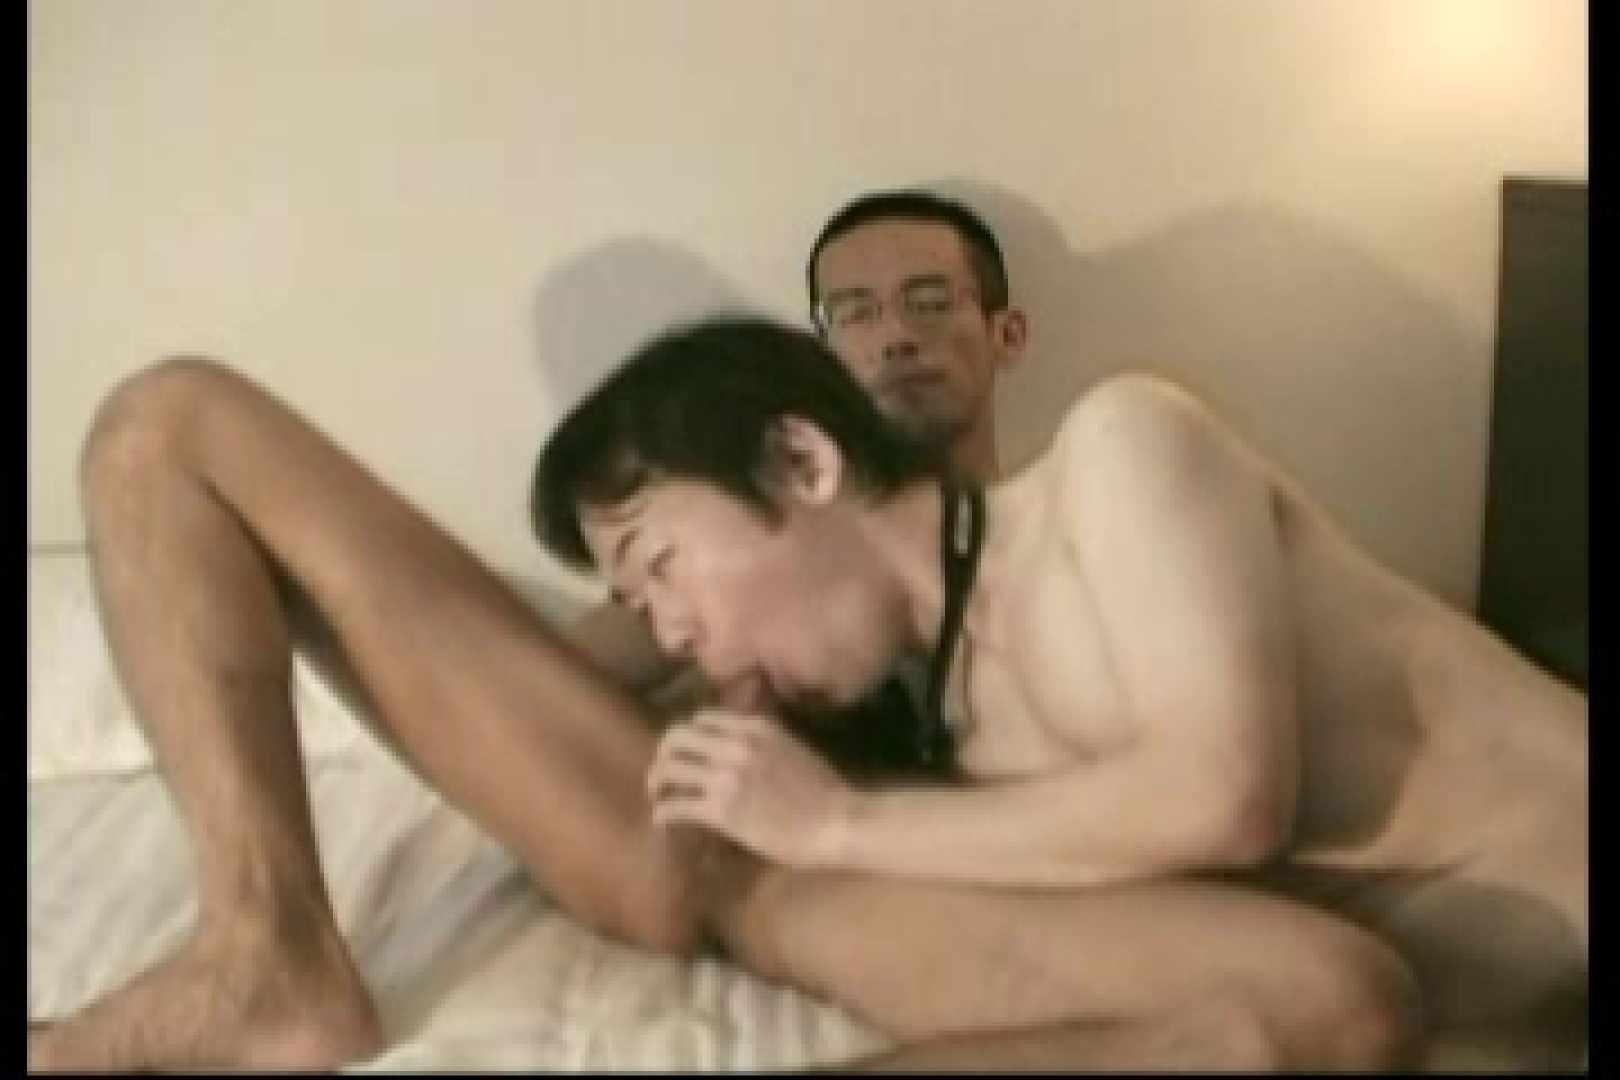 【流出ハメ撮】とにかく凄いぜ!!ケツまんFighters!! Vol.03 手コキ 男同士動画 96pic 72